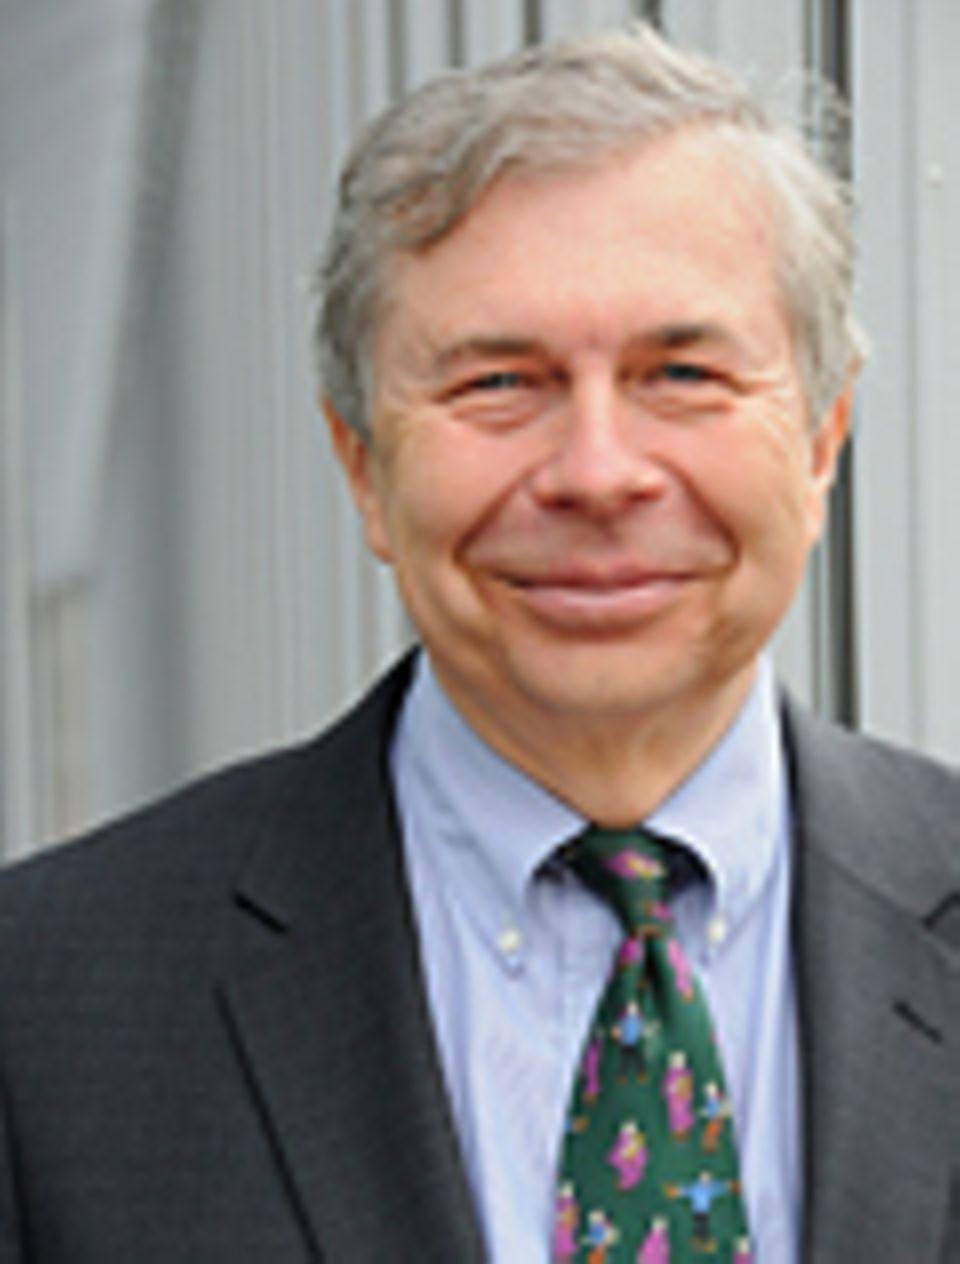 Klimawandel: Der Klimaforscher Guy Brasseur ist Direktor des Hamburger Climate Service Center